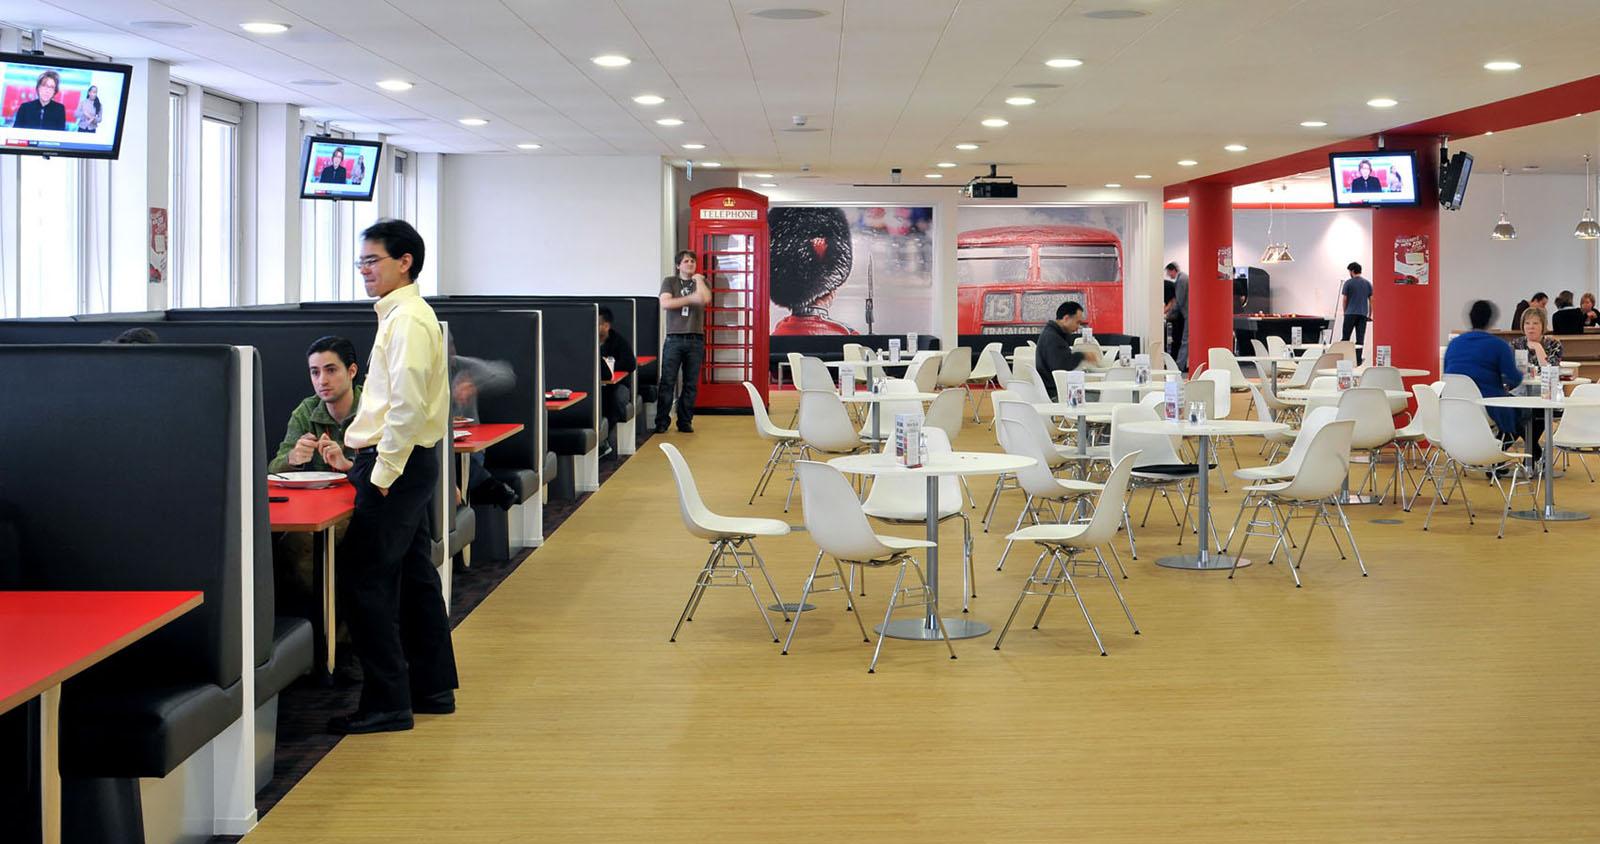 Inspiring British Office Interior Design At Rackspace  iDesignArch  Interior Design